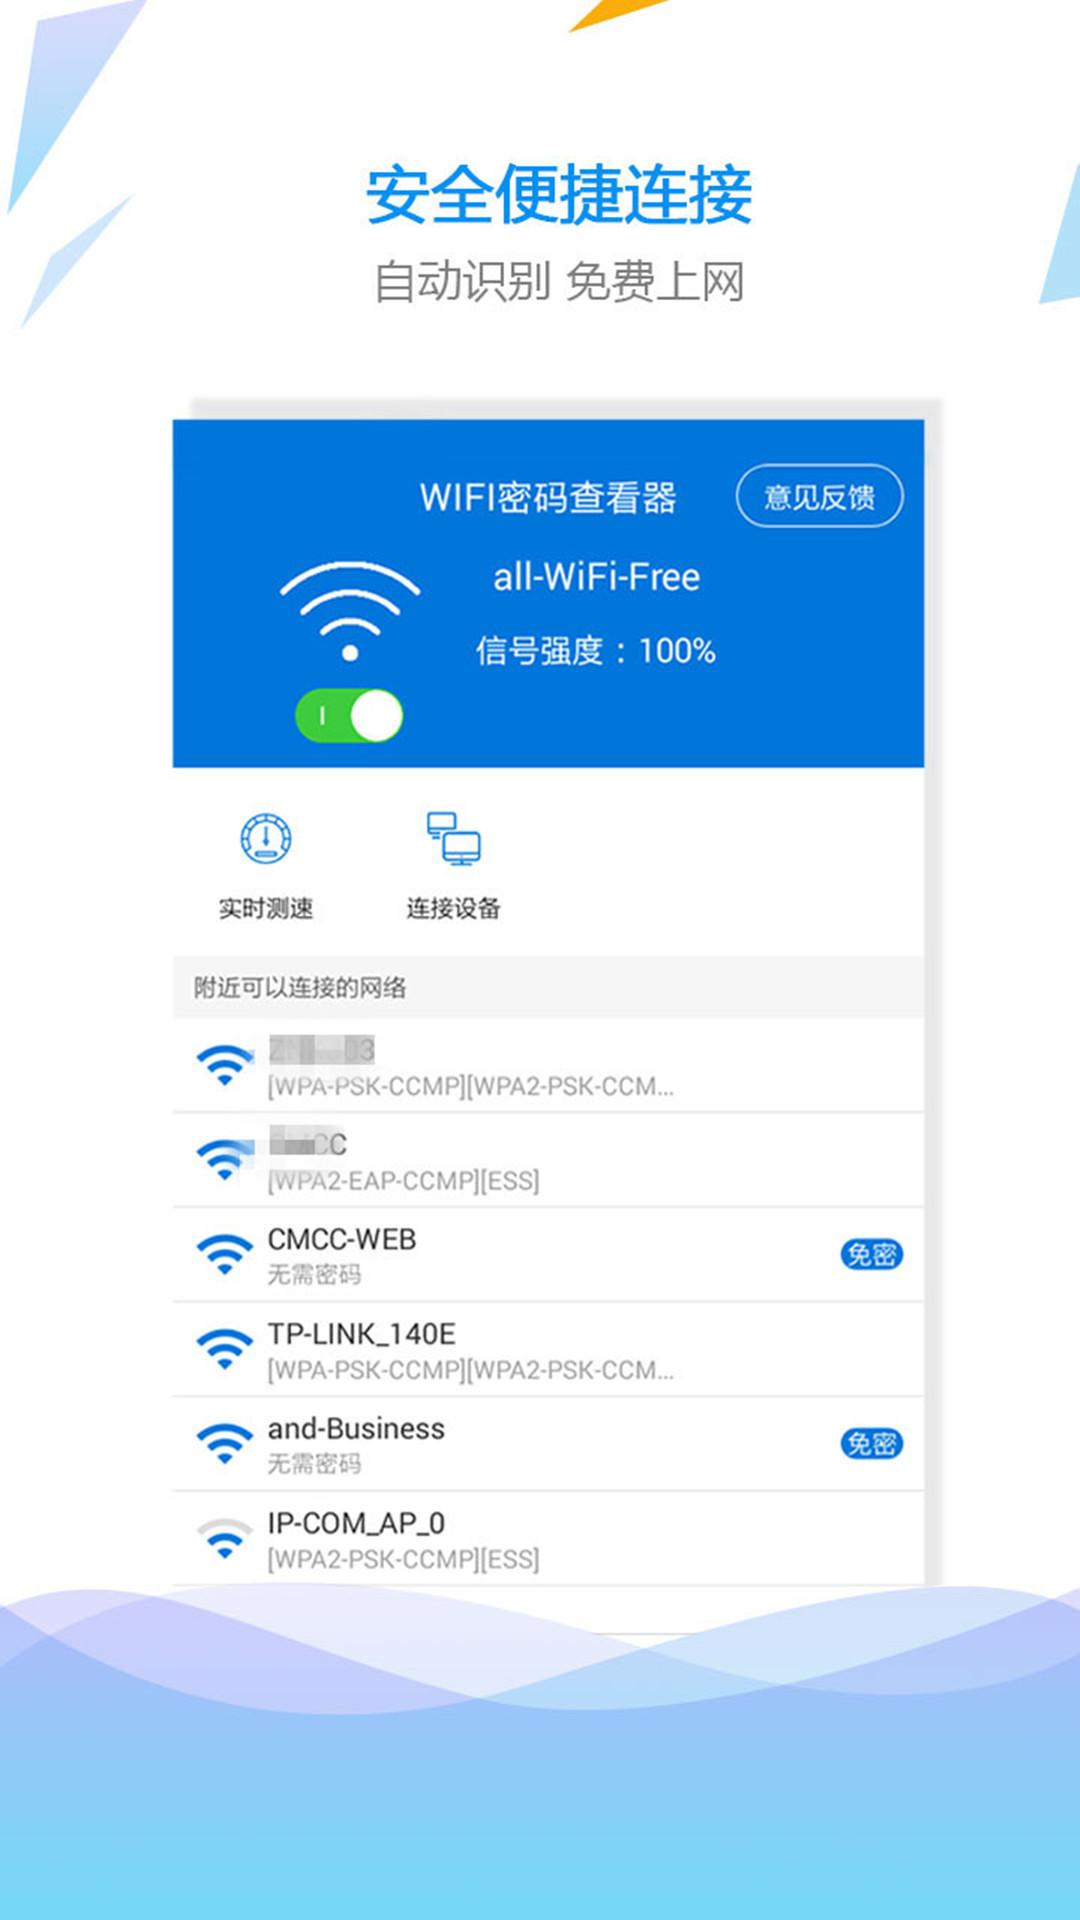 wifi密码查看器_Wifi密码查看器免费下载_华为应用市场|Wifi密码查看器安卓版(1.4.0 ...